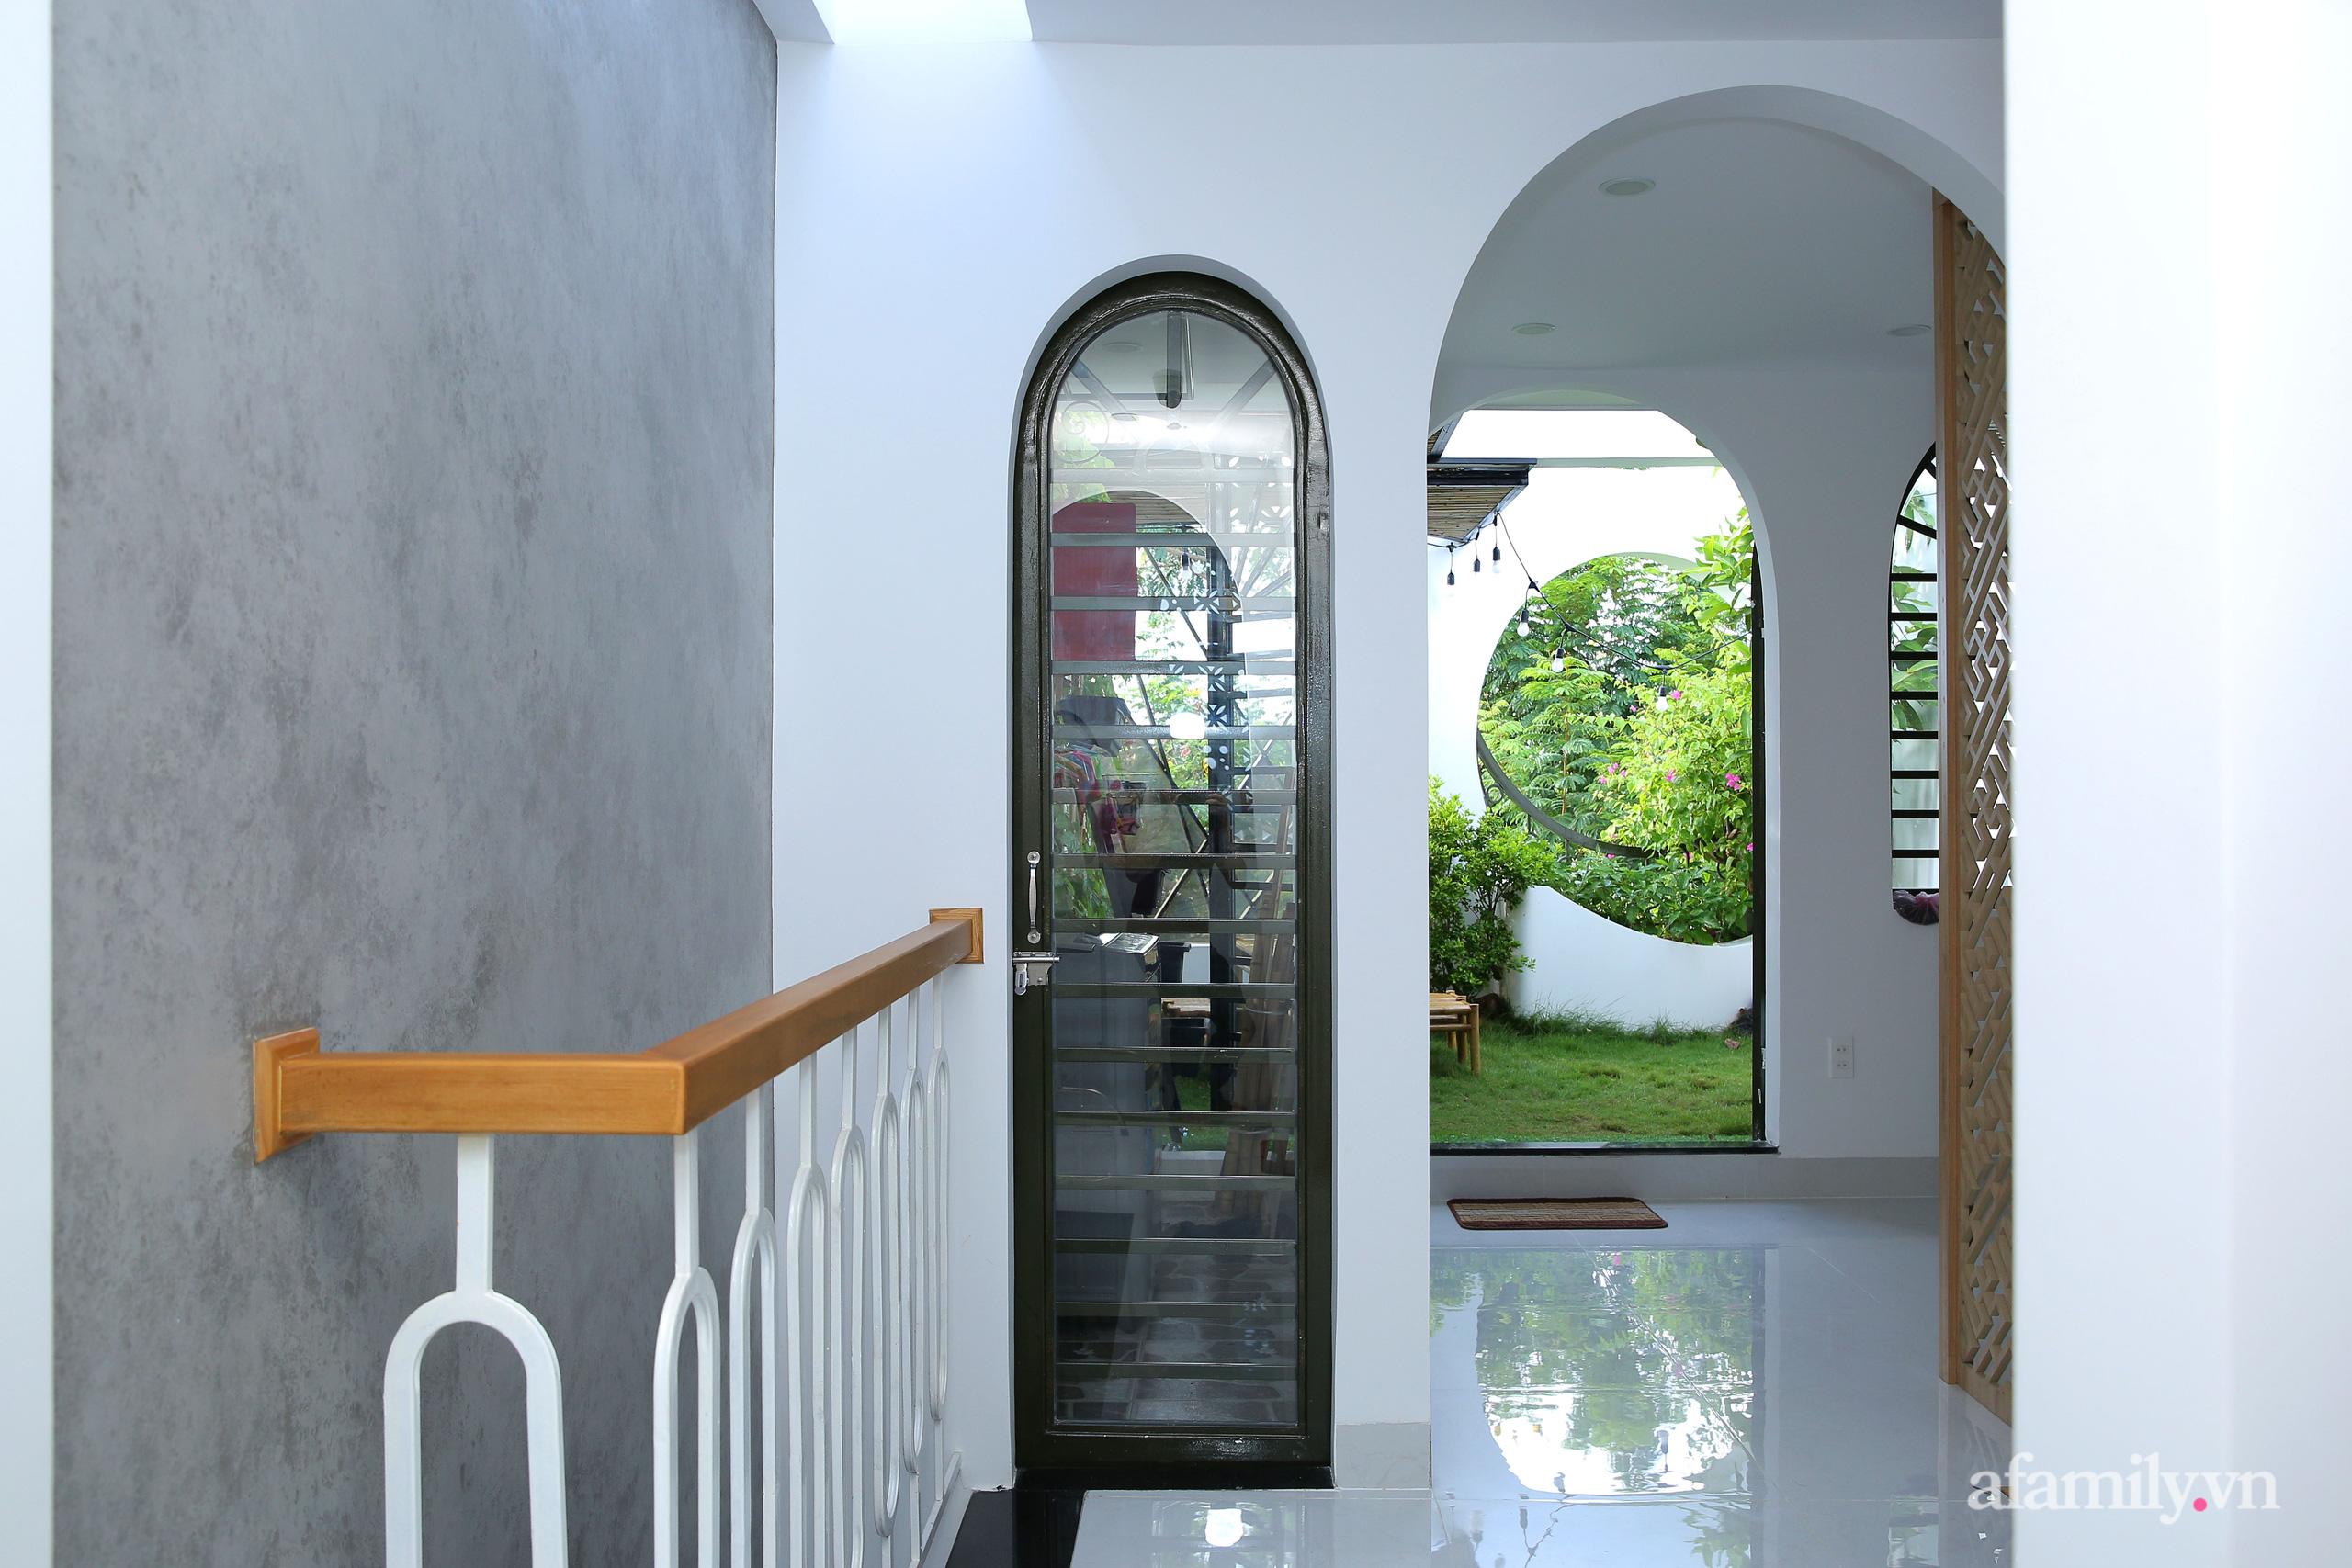 Chồng xây tặng vợ con ngôi nhà ấm cúng với sắc trắng vàng cùng cây xanh và ánh sáng ngập tràn ở Đà Nẵng sau 10 năm ở trọ - Ảnh 17.